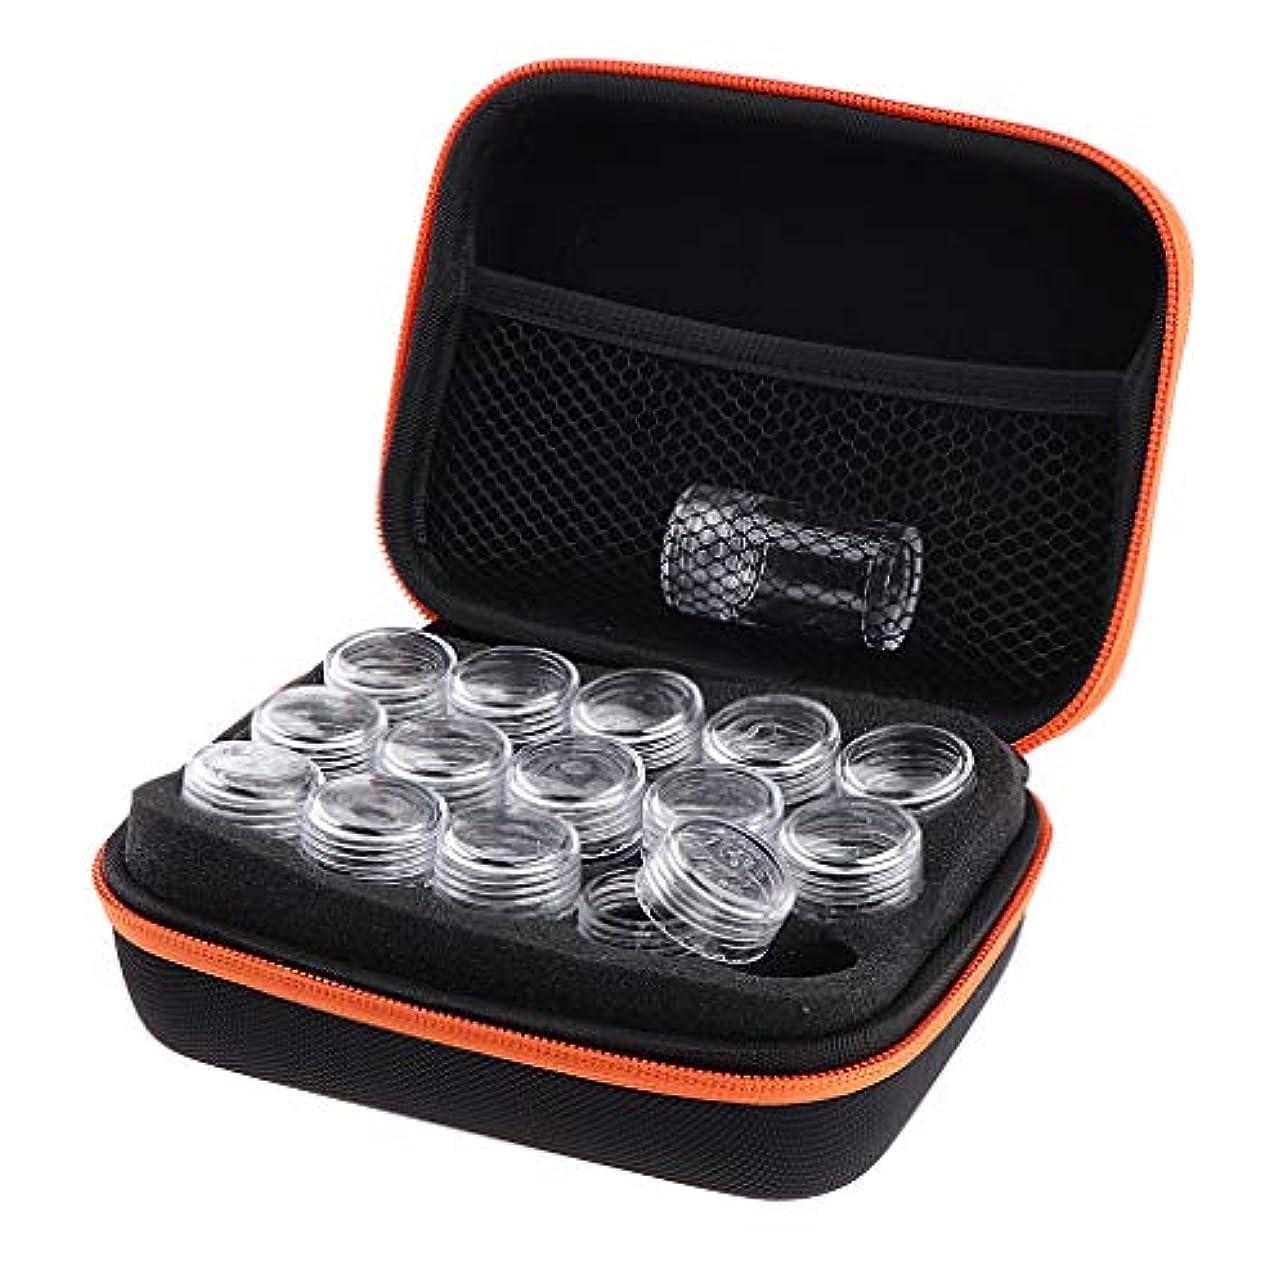 ペネロペ時期尚早下手アロマポーチ 15本用 エッセンシャルオイル ケース 携帯用メイクポーチ 精油ケース 香水収納バッグ - オレンジ